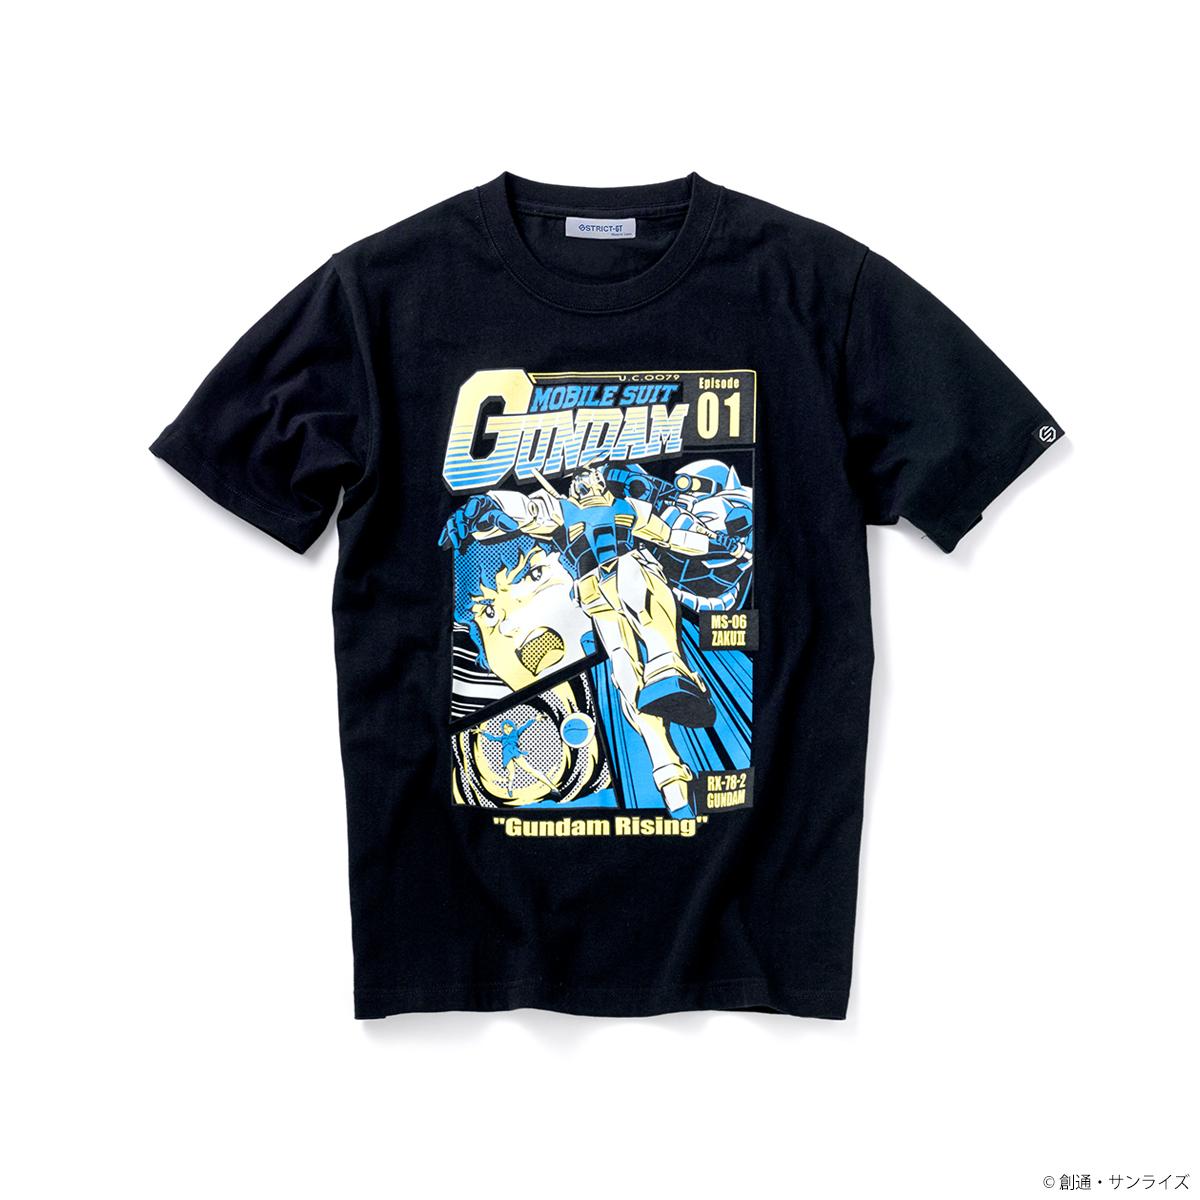 『機動戦士ガンダム』EPISODE Tシャツ エピソード01話「ガンダム大地に立つ!」